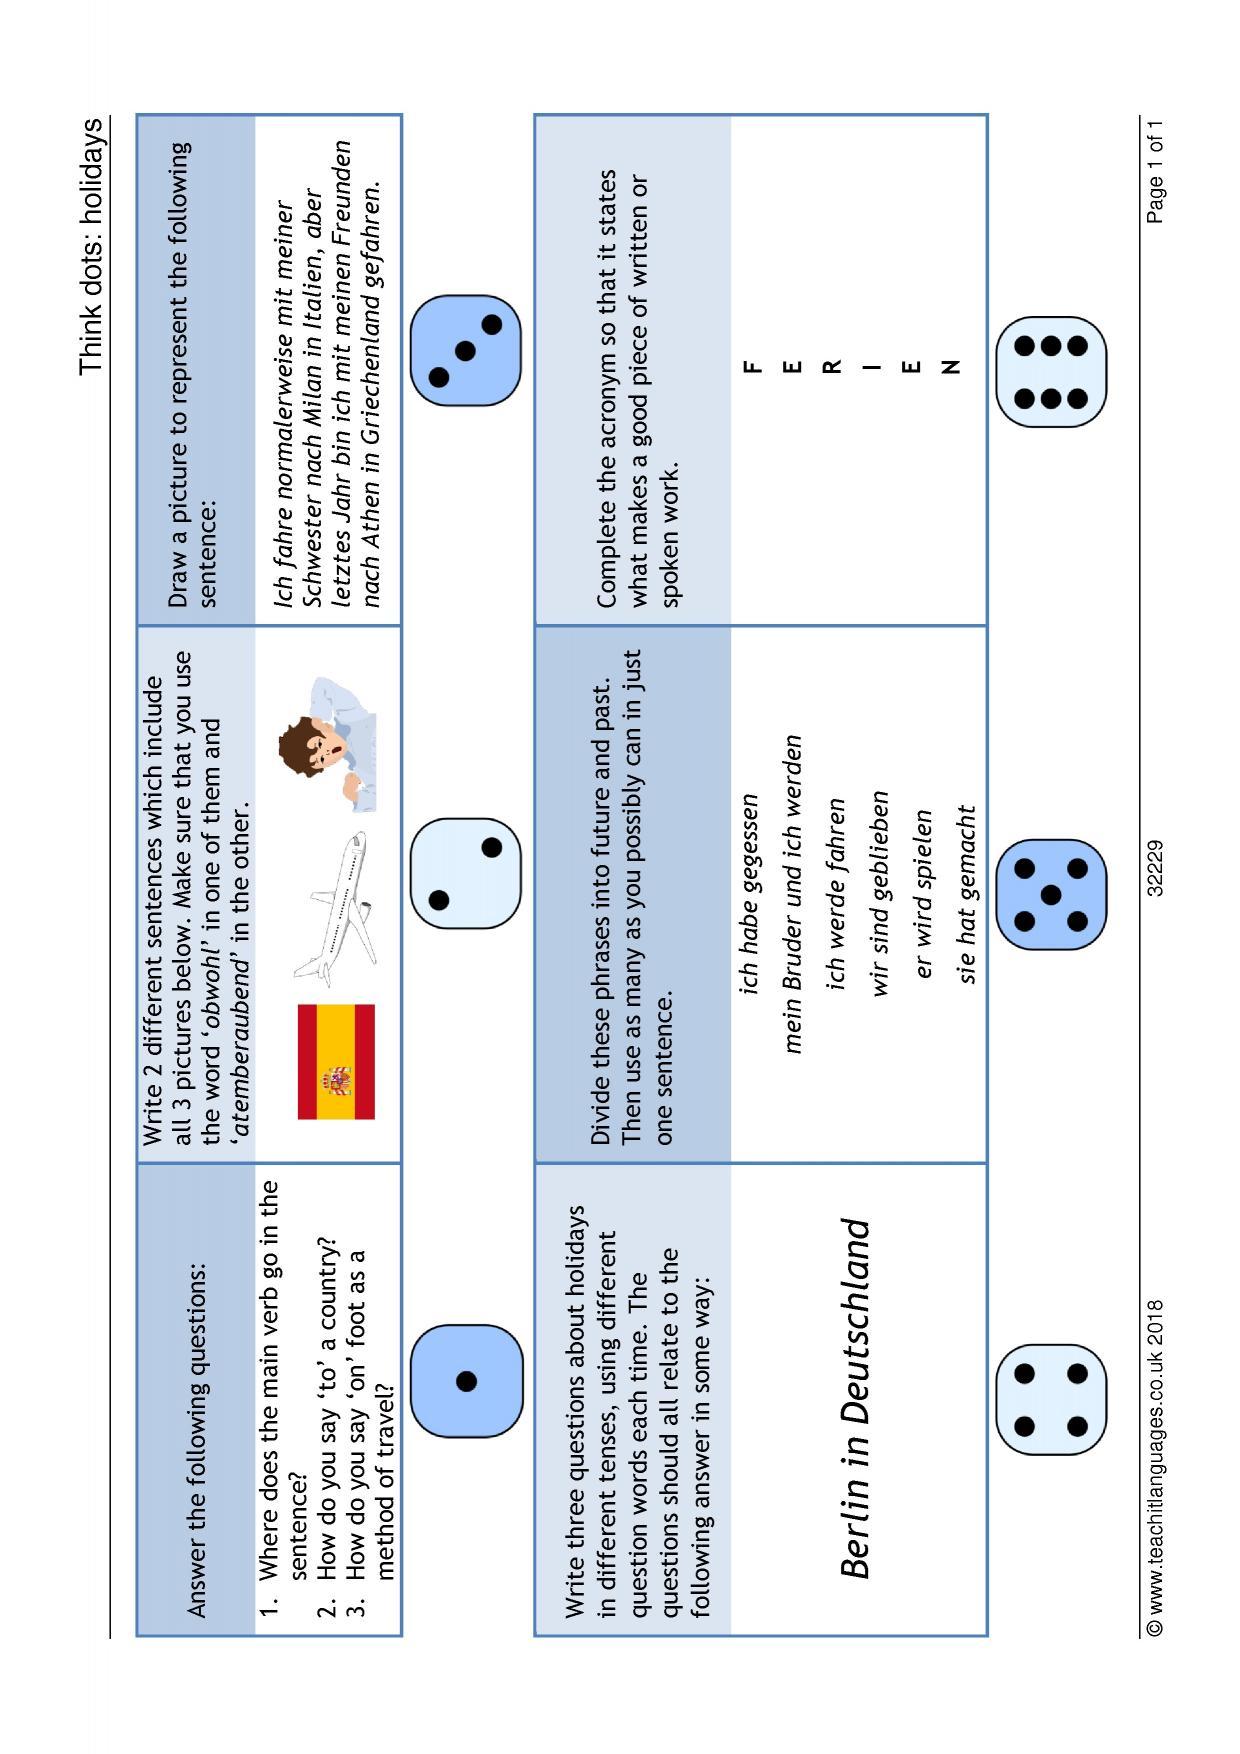 Board Feet Worksheet 3 Answers